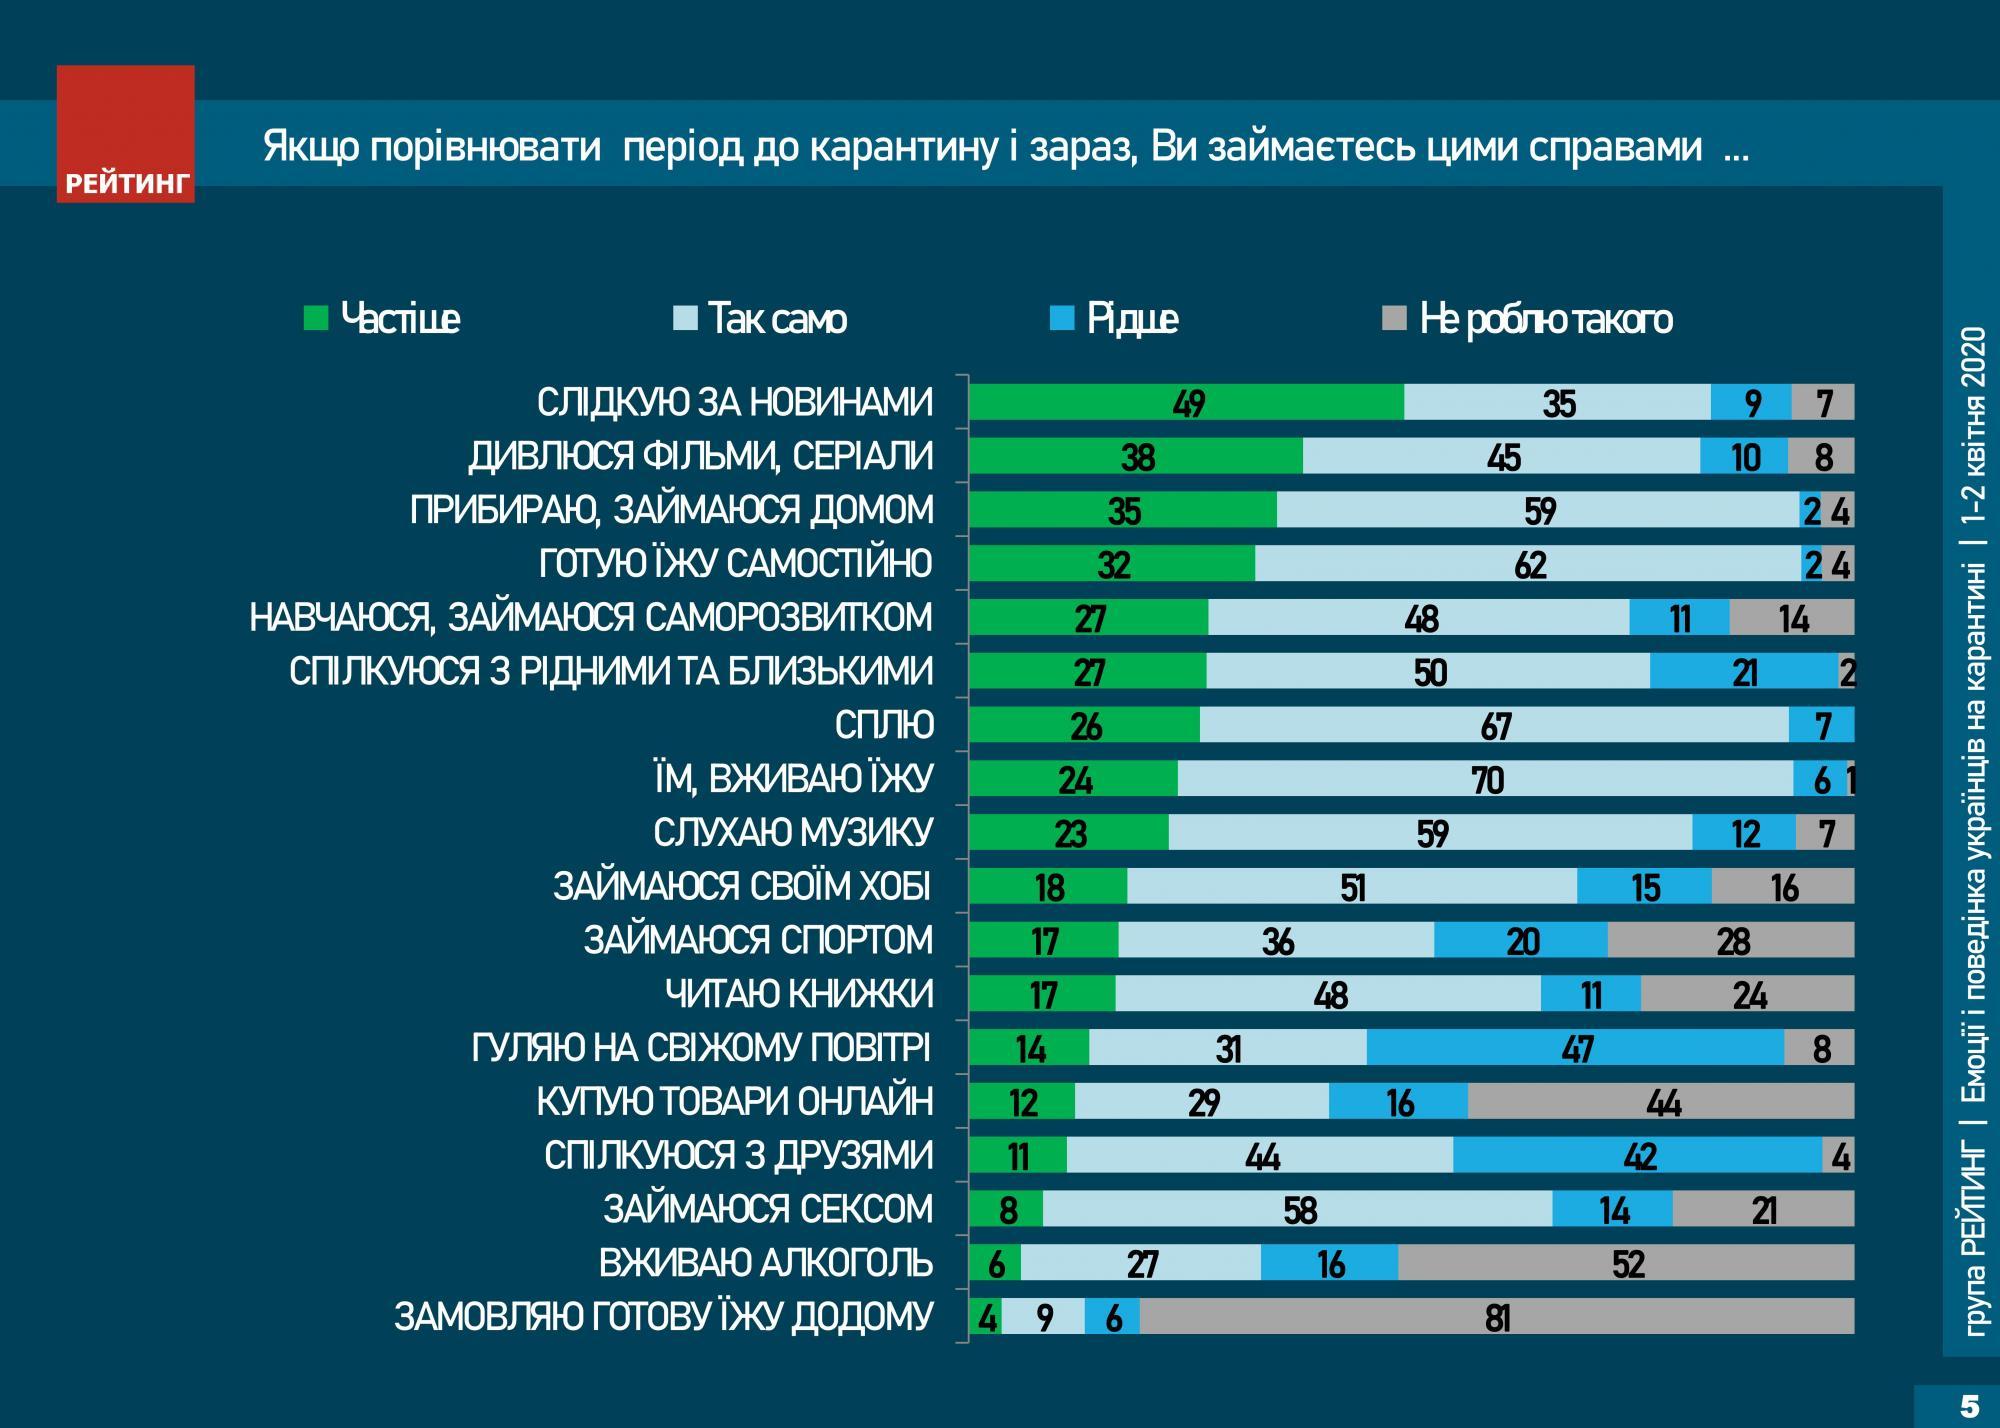 Украинцы назвали главные занятия во время карантина